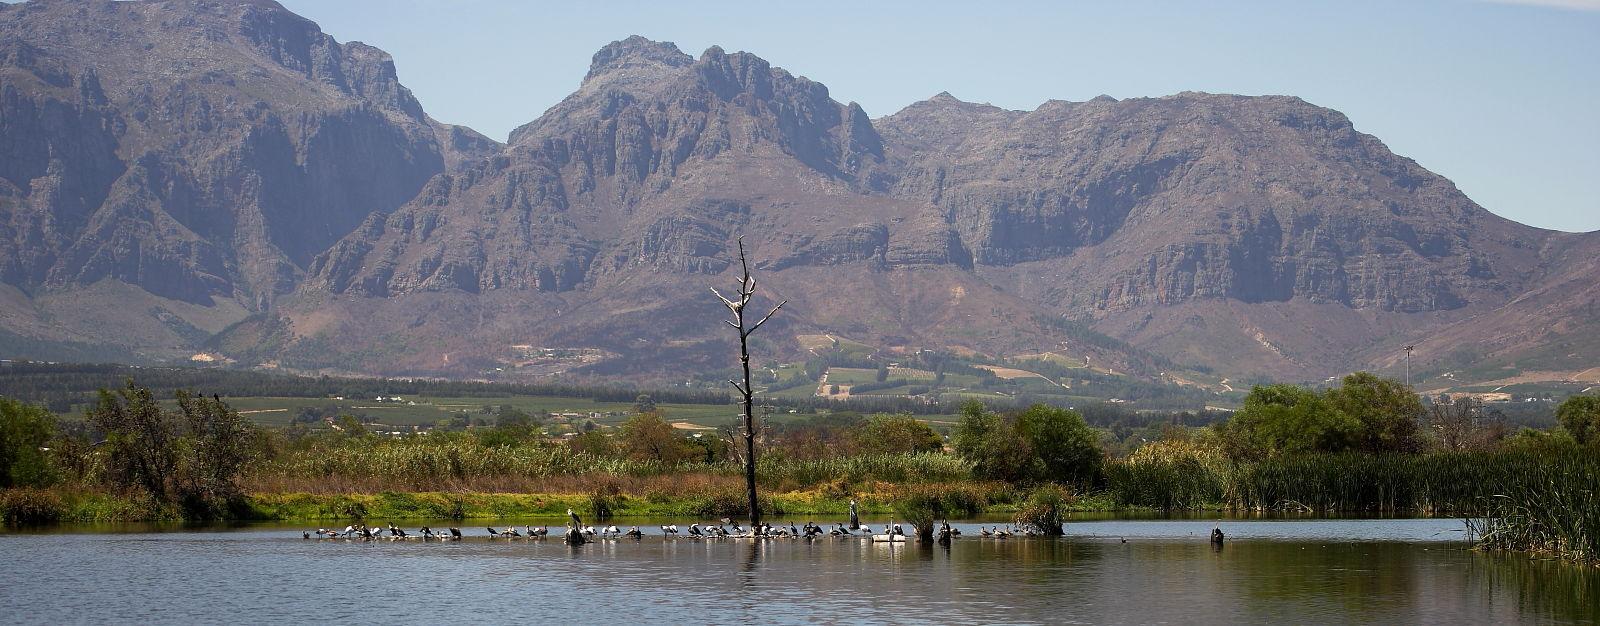 Paarl Bird Sanctuary near Cape Town, South Africa © Steve Ogden